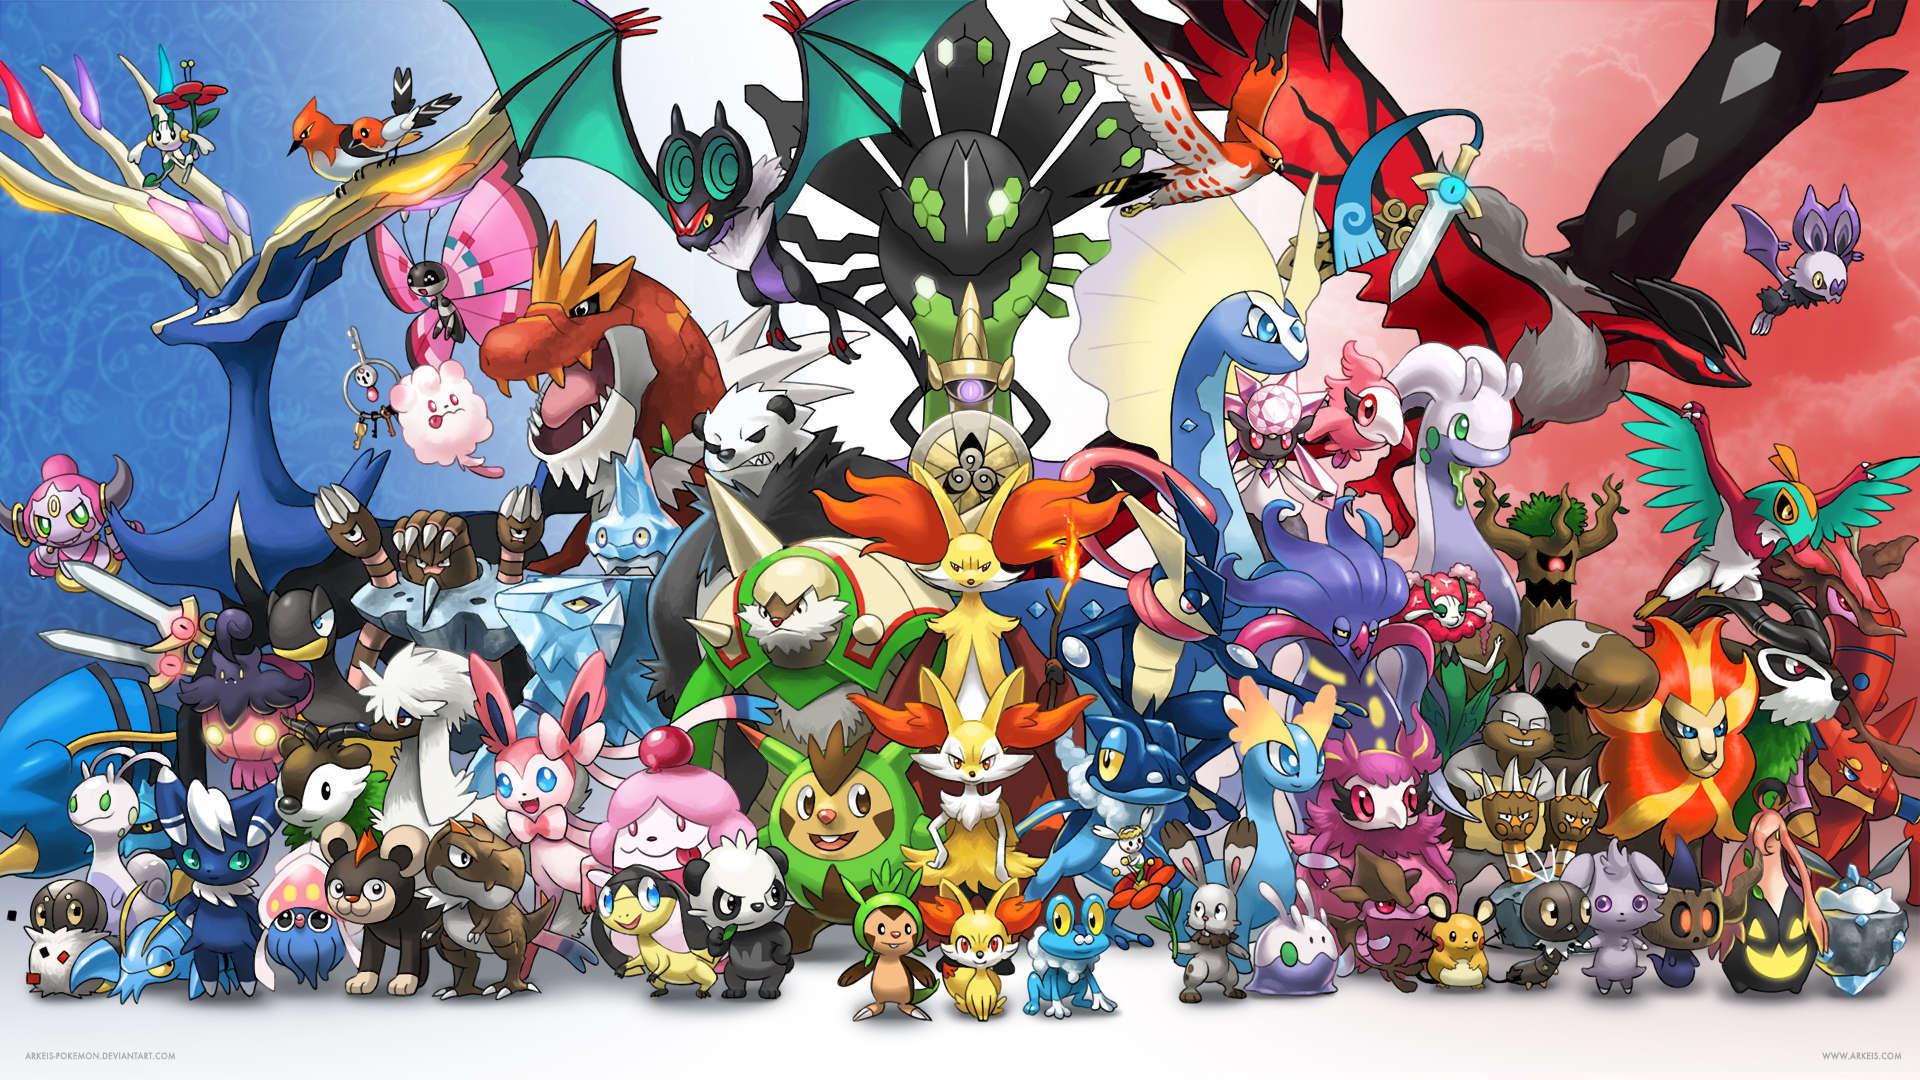 Wallpaper Generation 6 Pokemon Hd Wallpaper Upload at October 30 1920x1080